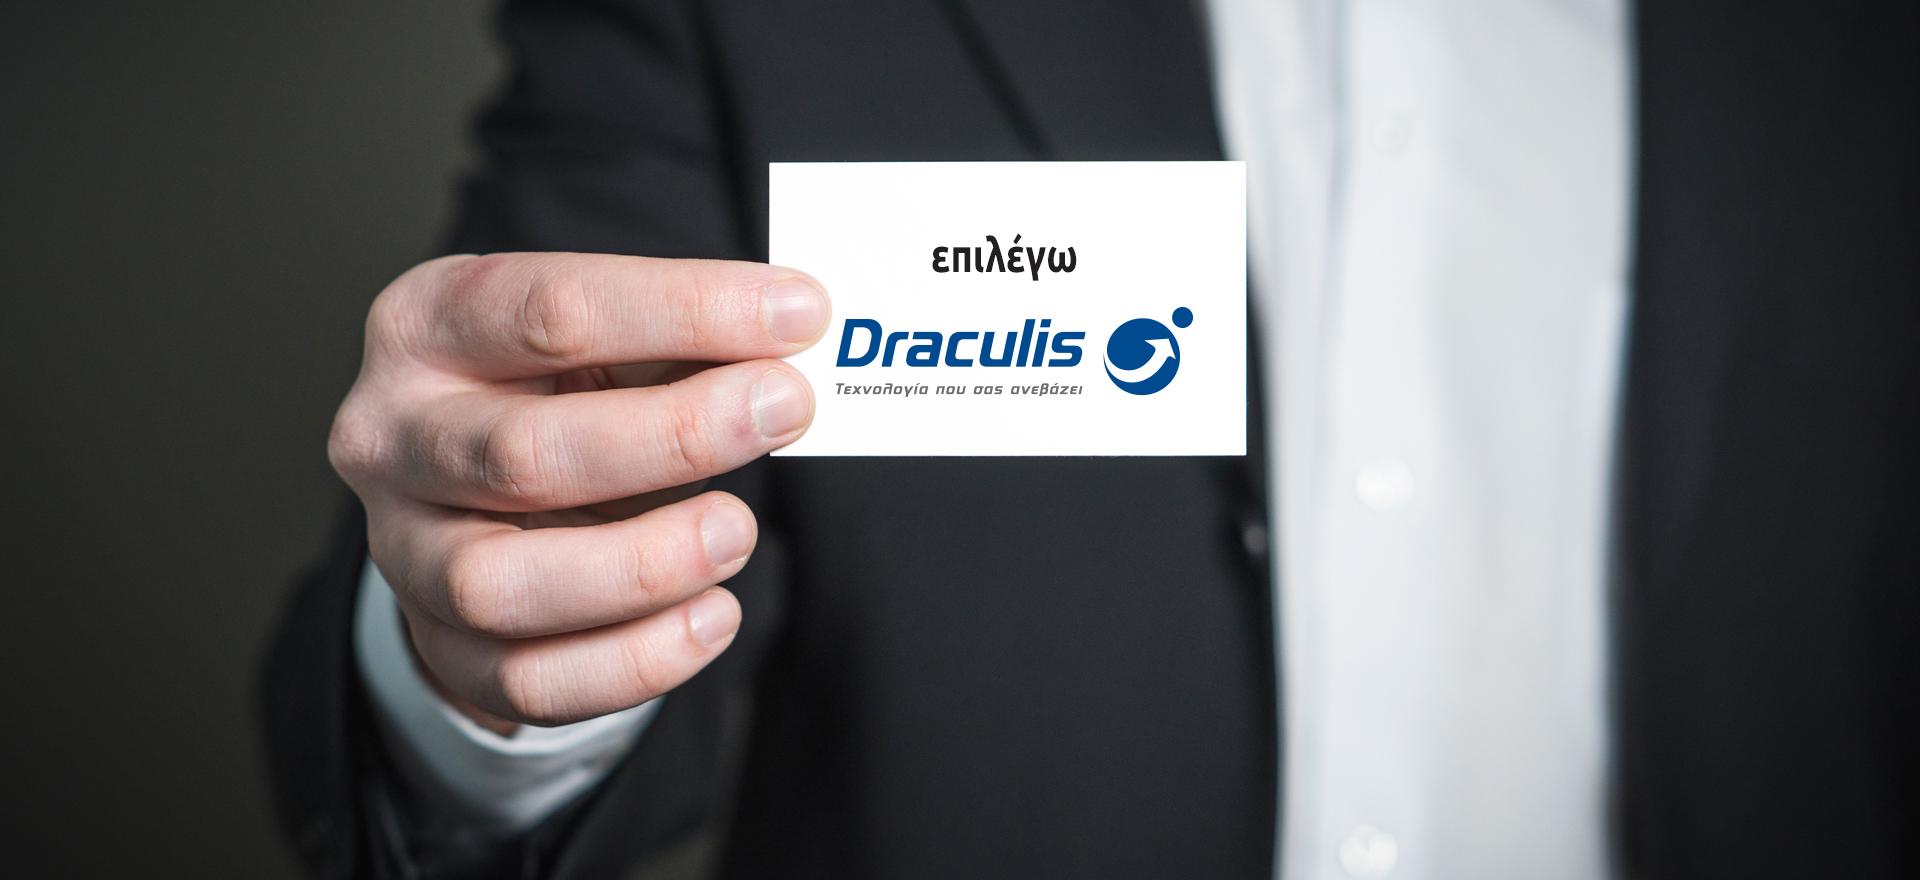 Γιατί να επιλέξω τα προϊόντα Draculis